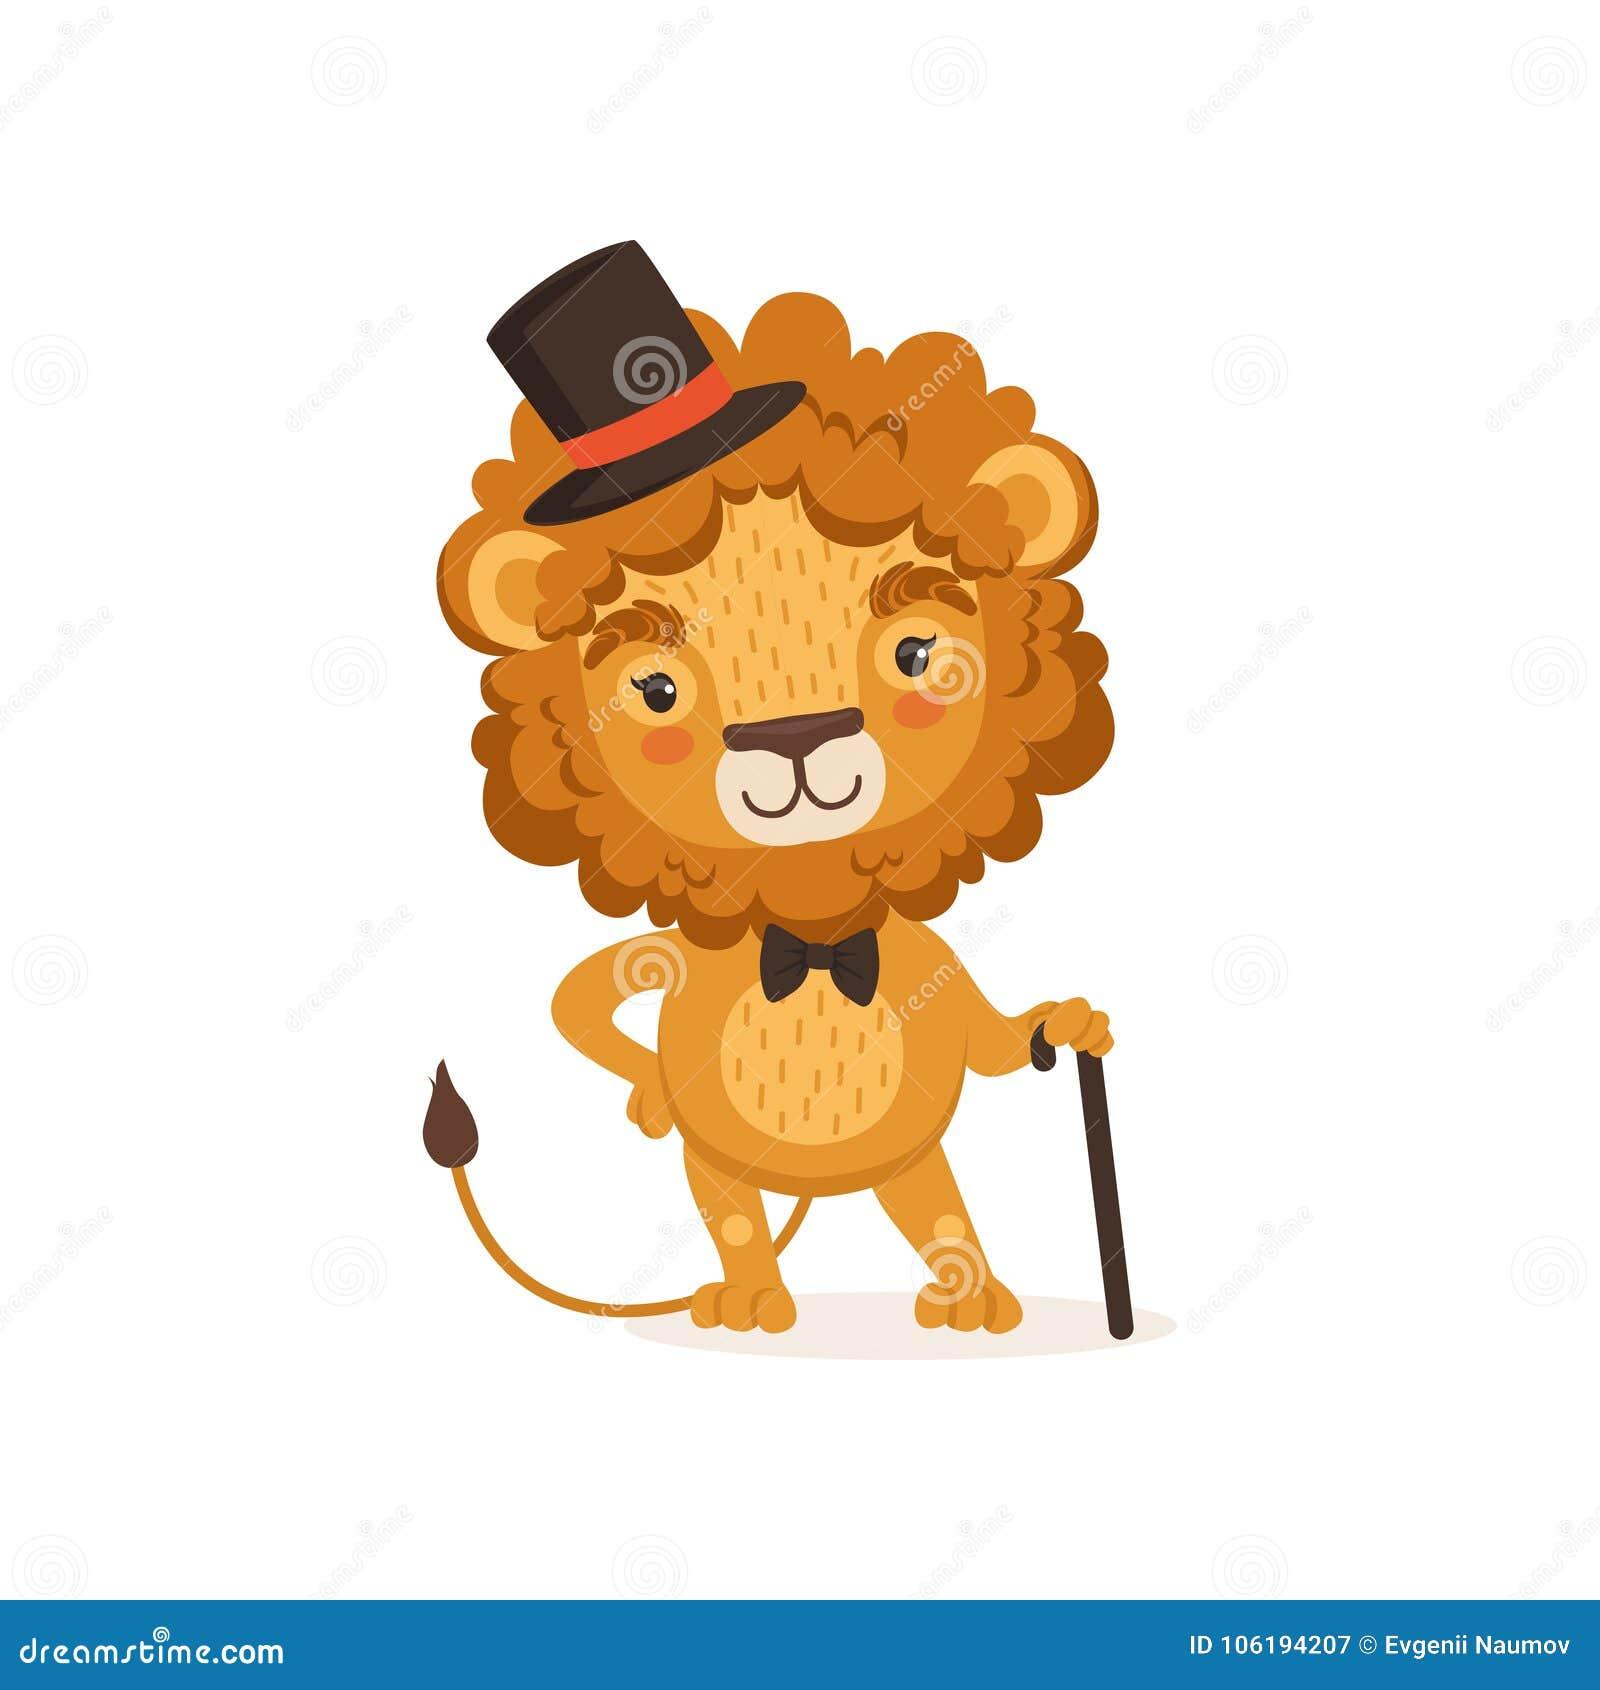 Illustrazione del personaggio dei cartoni animati del leone con la canna  nera e cappello e farfallino eleganti d uso del cilindro Animale con la  criniera ... 9ca1fcbd7a56